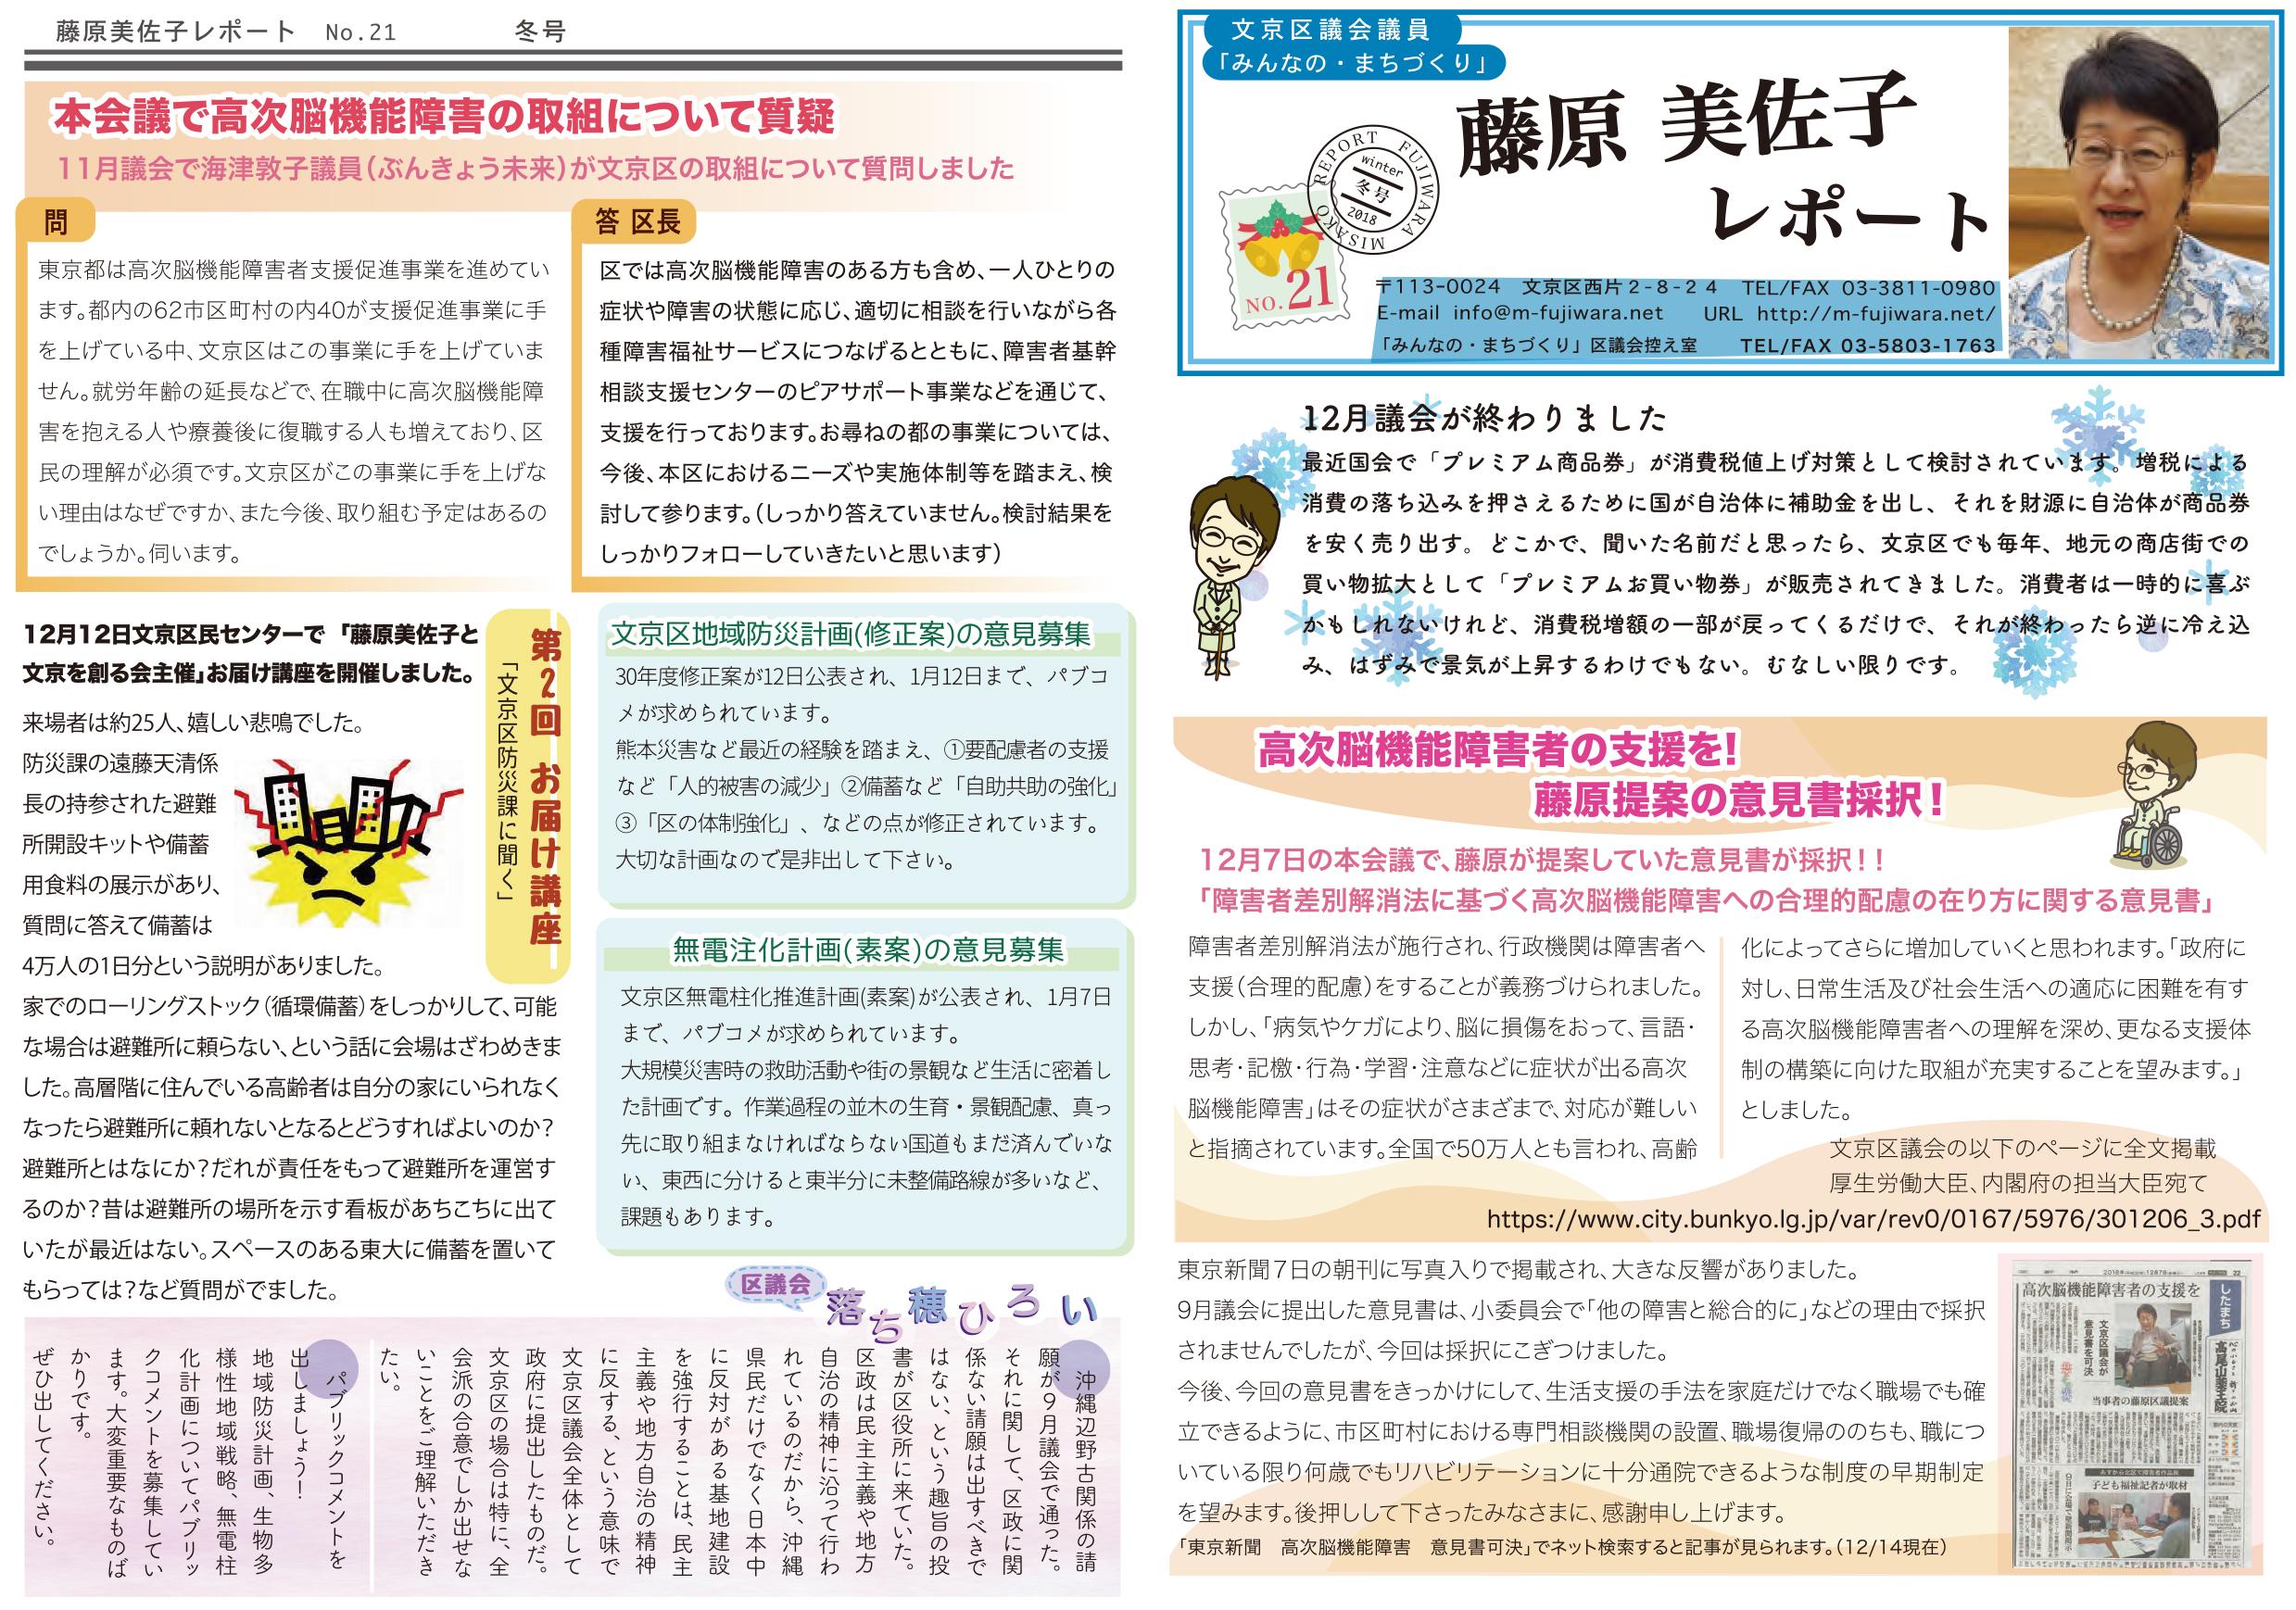 藤原美佐子レポート No.21